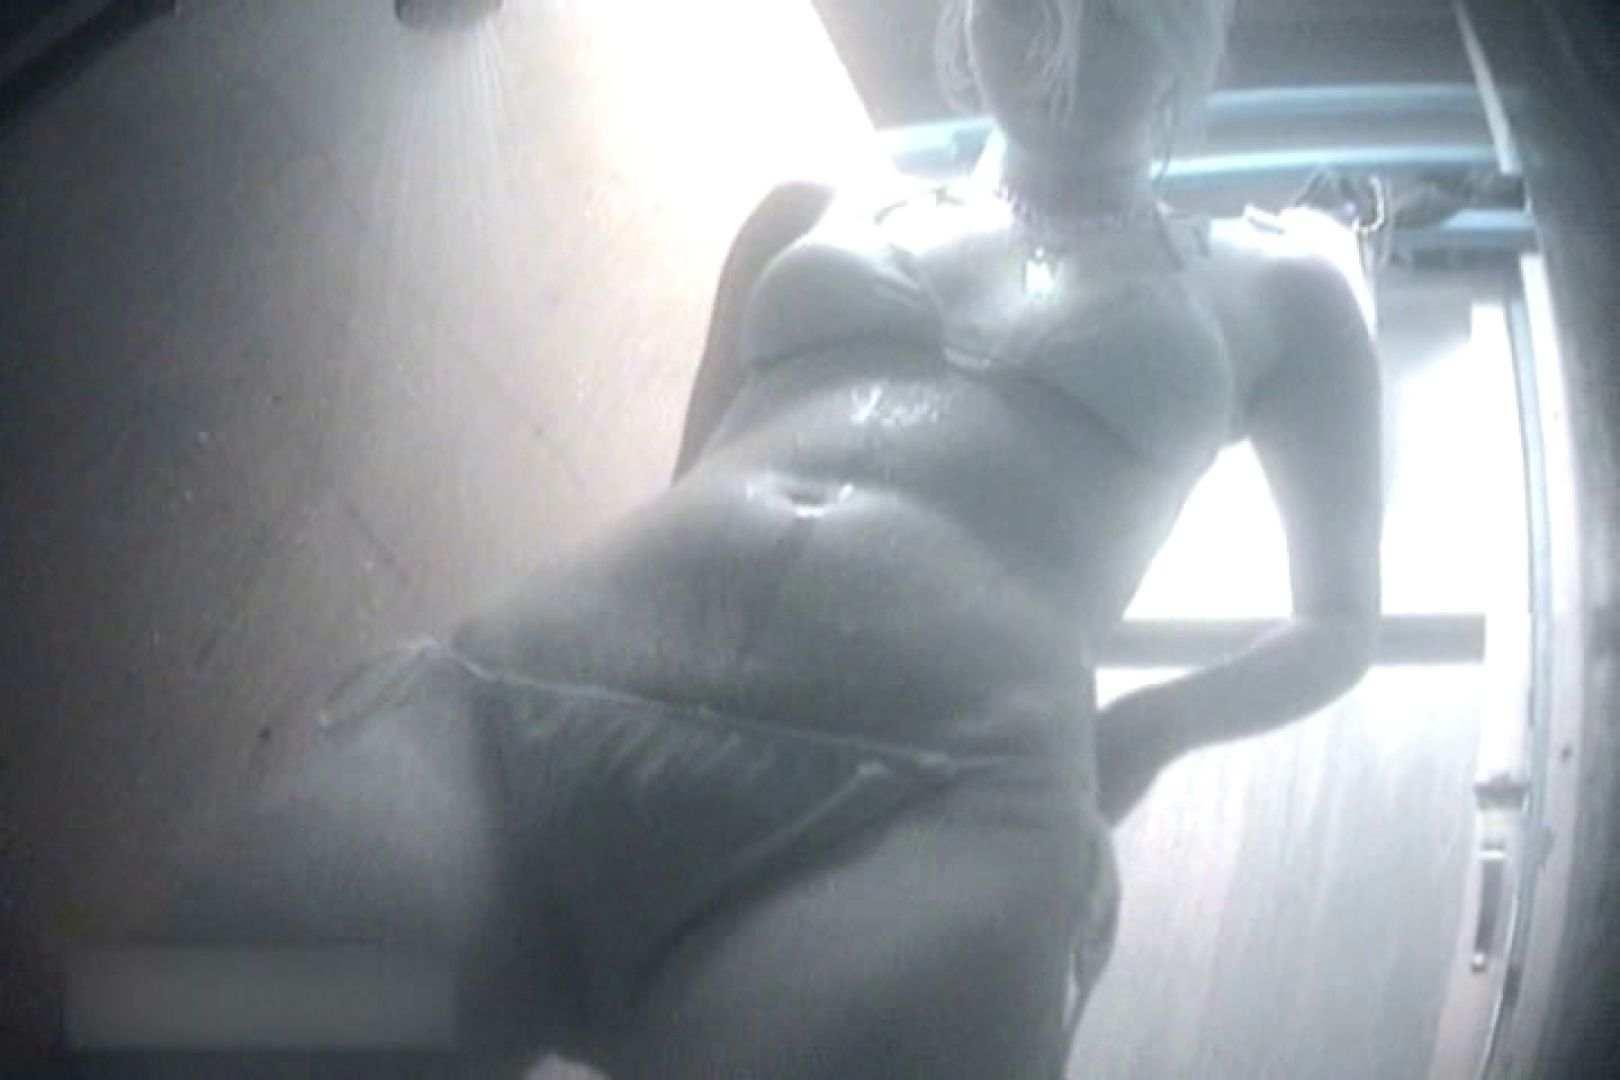 夏海シャワー室!ベトベトお肌をサラサラに!VOL.06 シャワー室  75pic 64